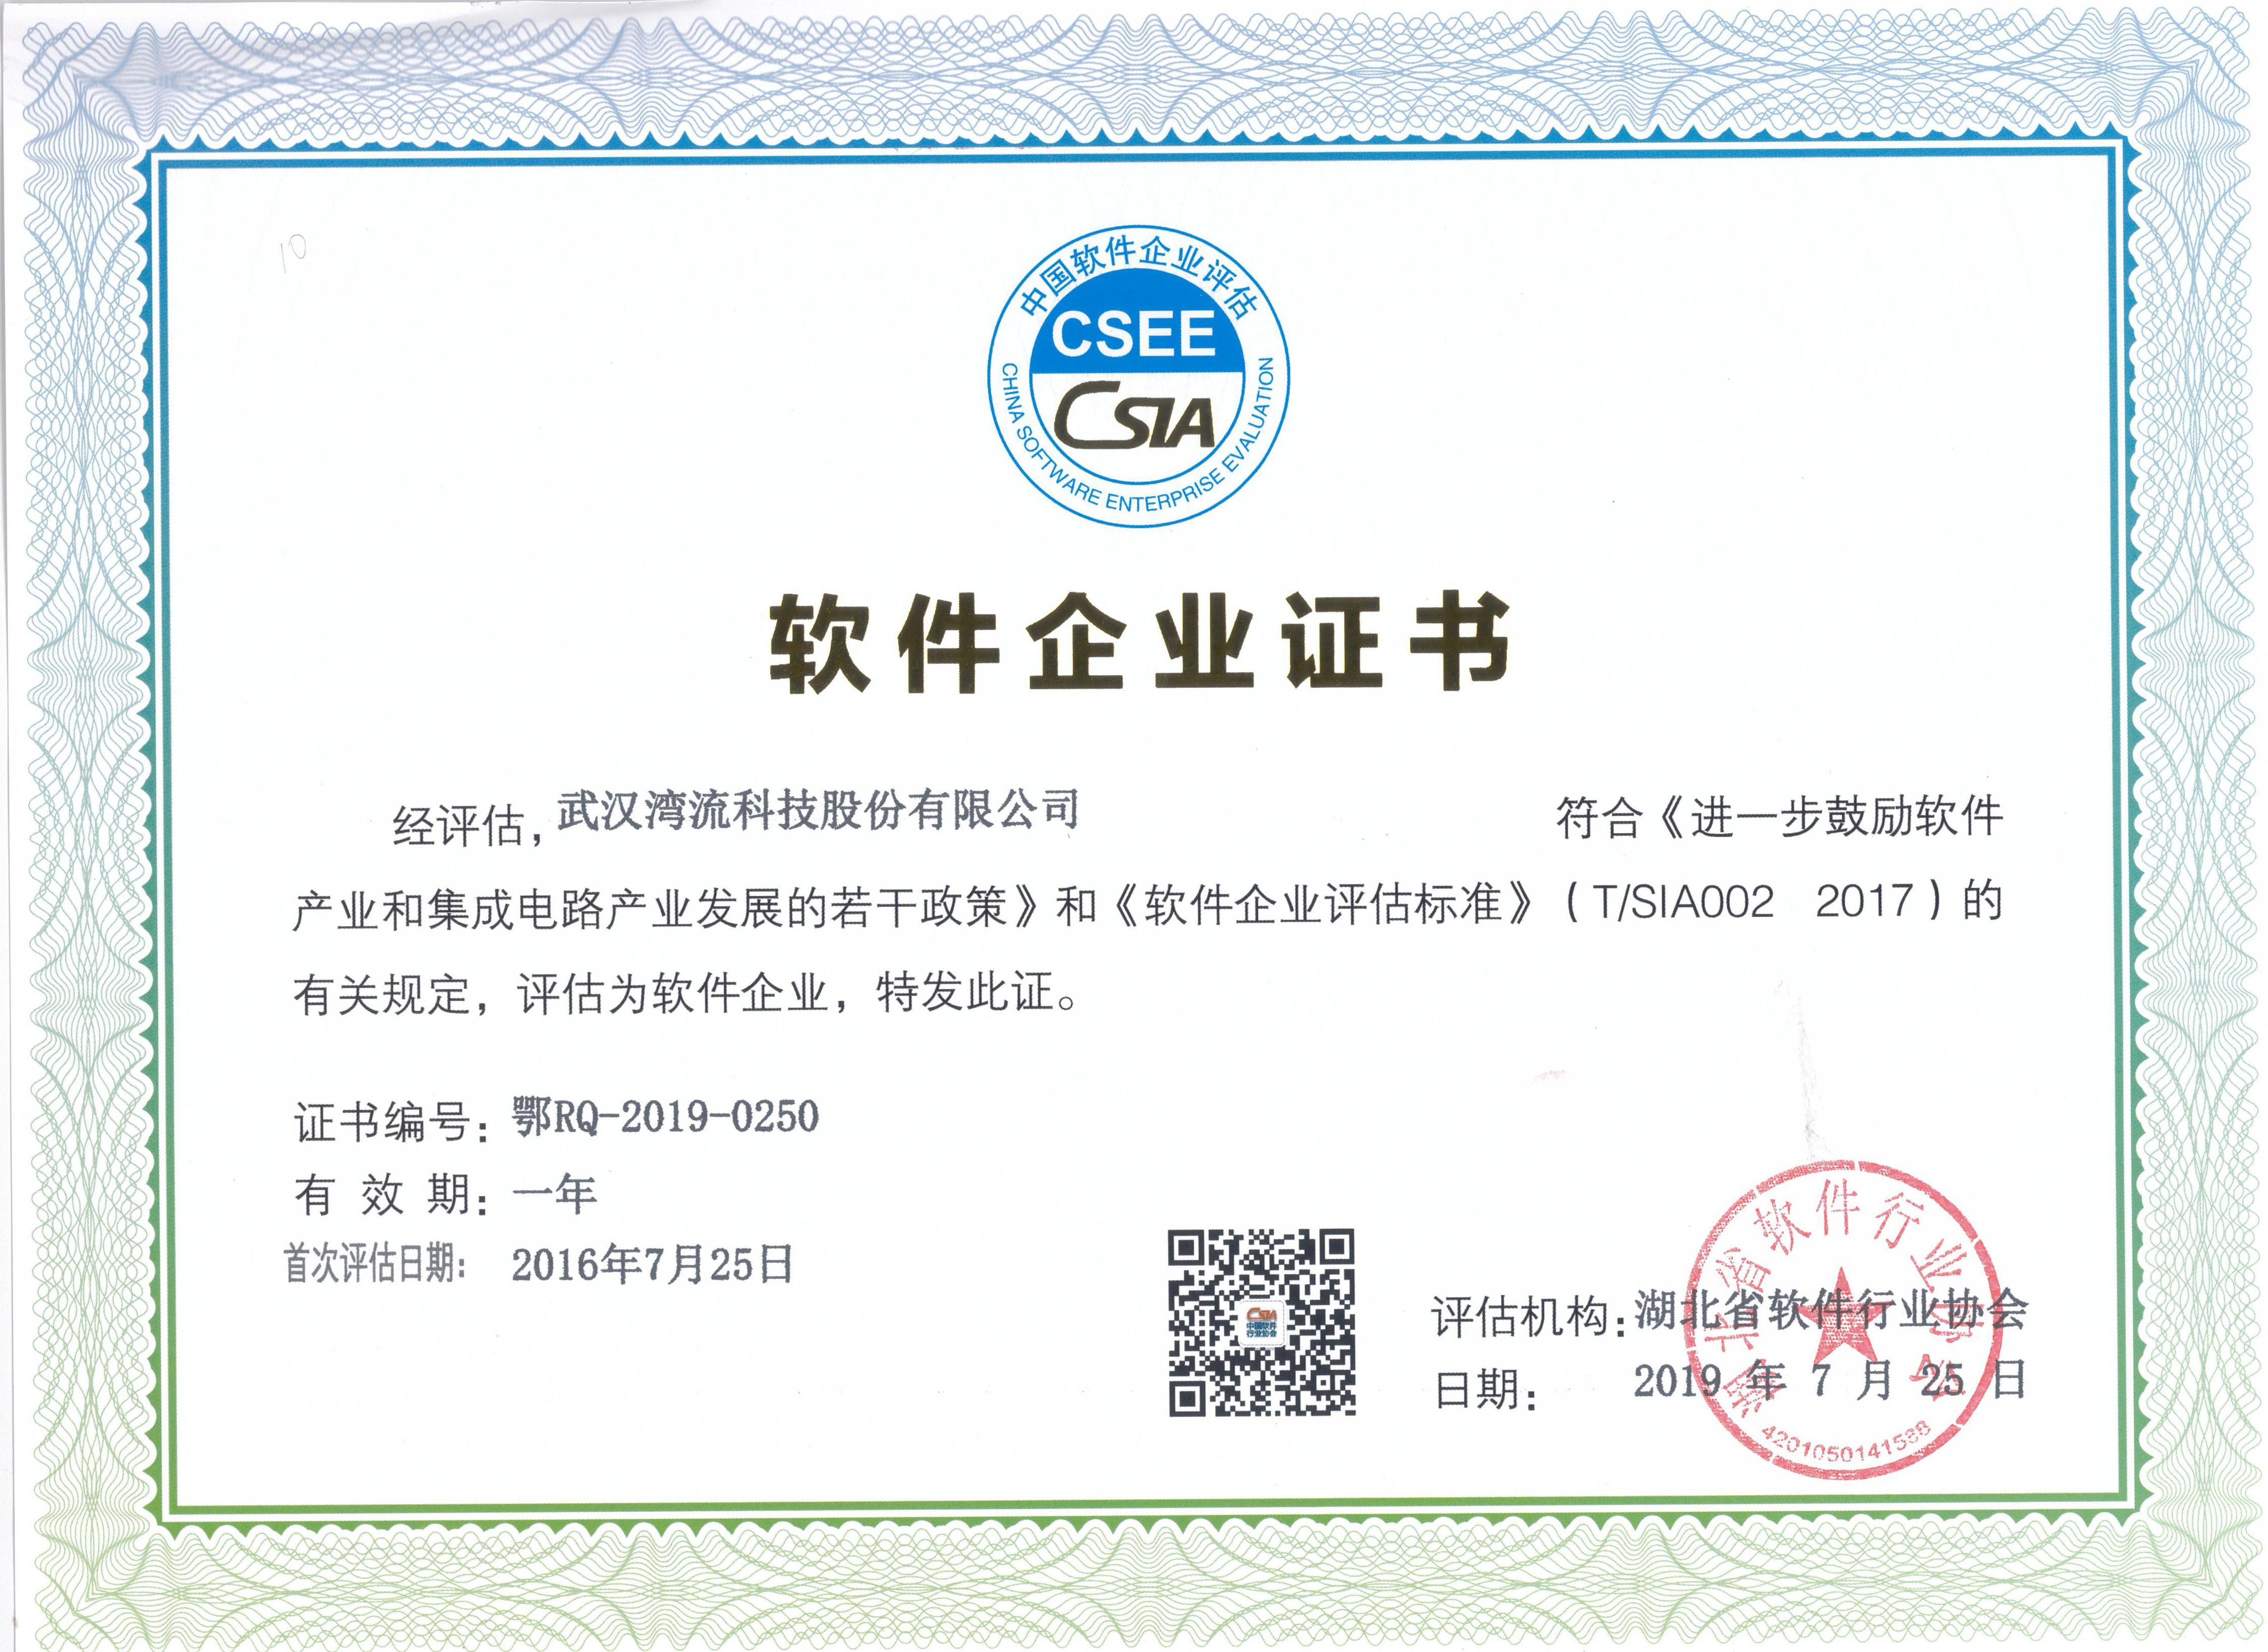 軟件企業證書-20190926